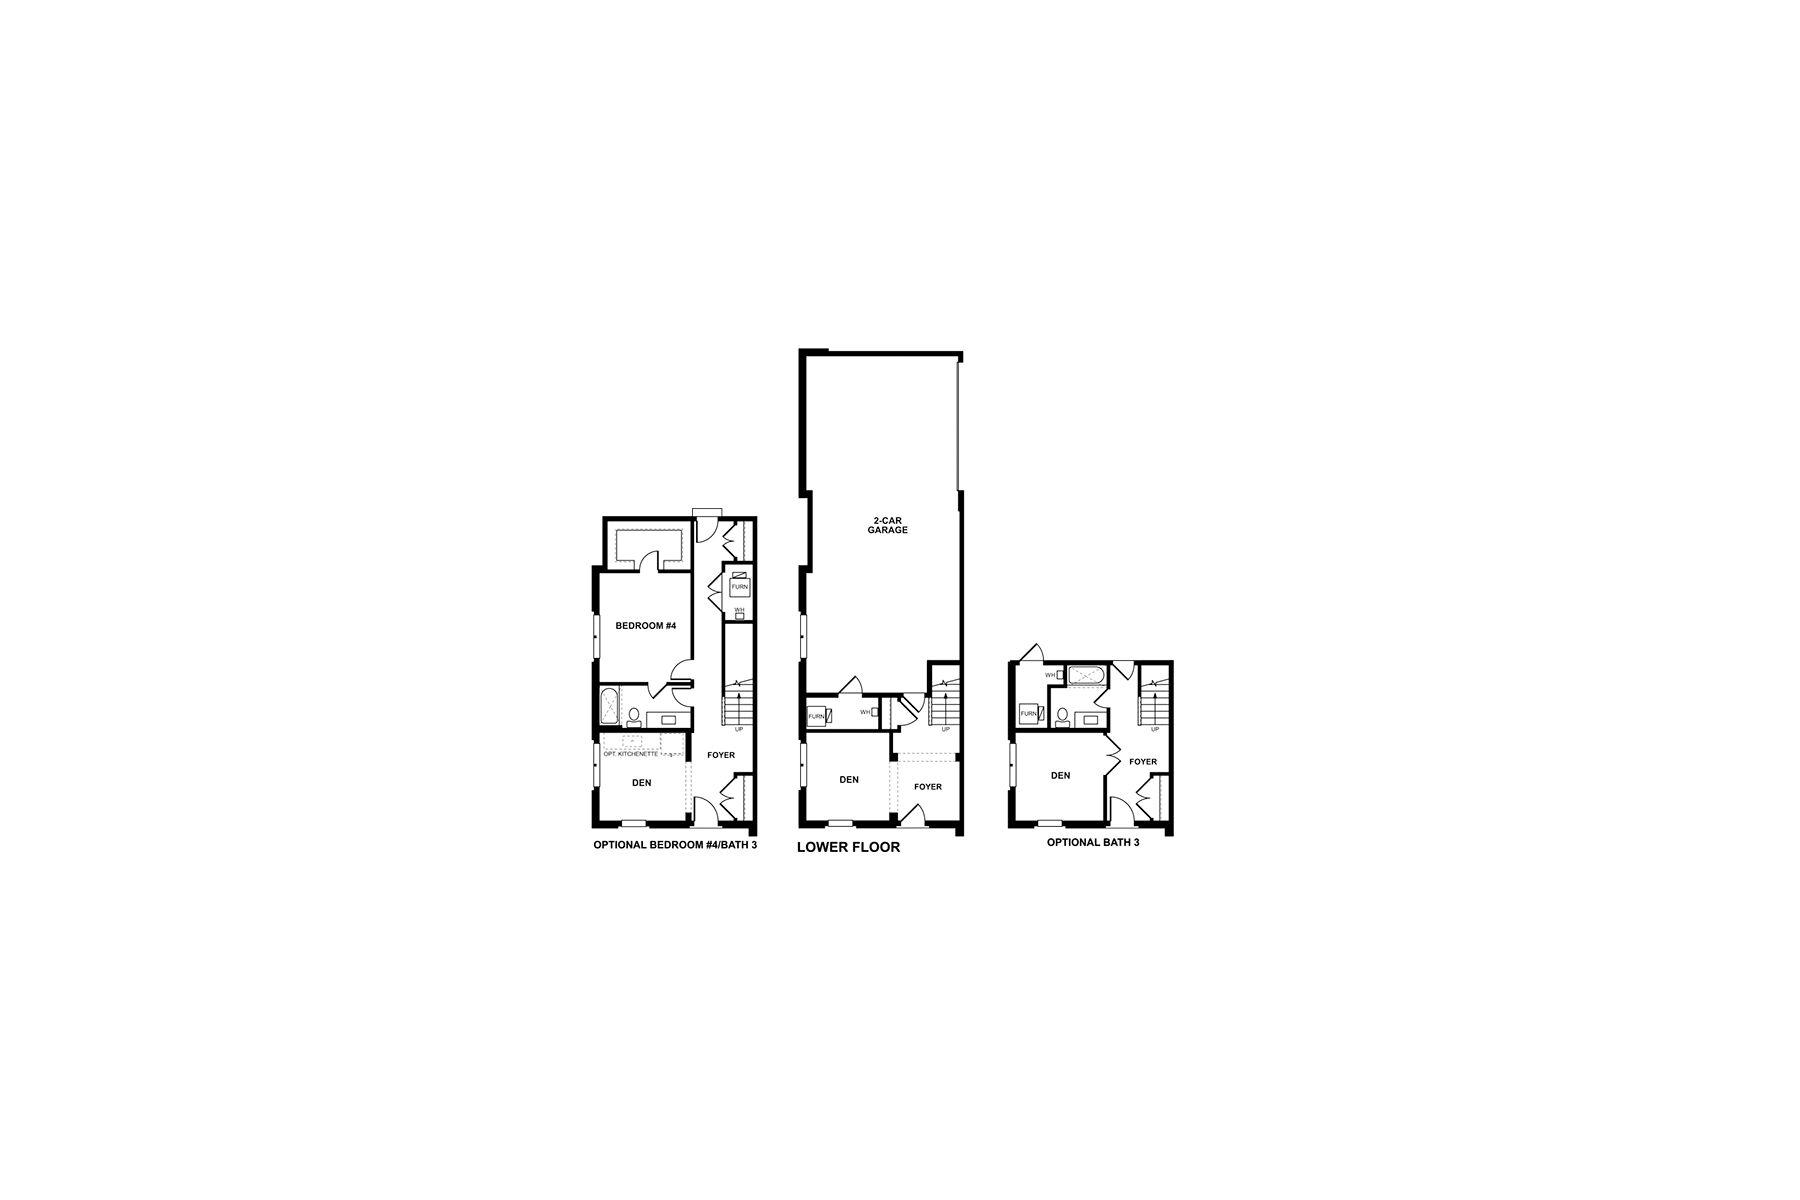 Residence C Lower Level